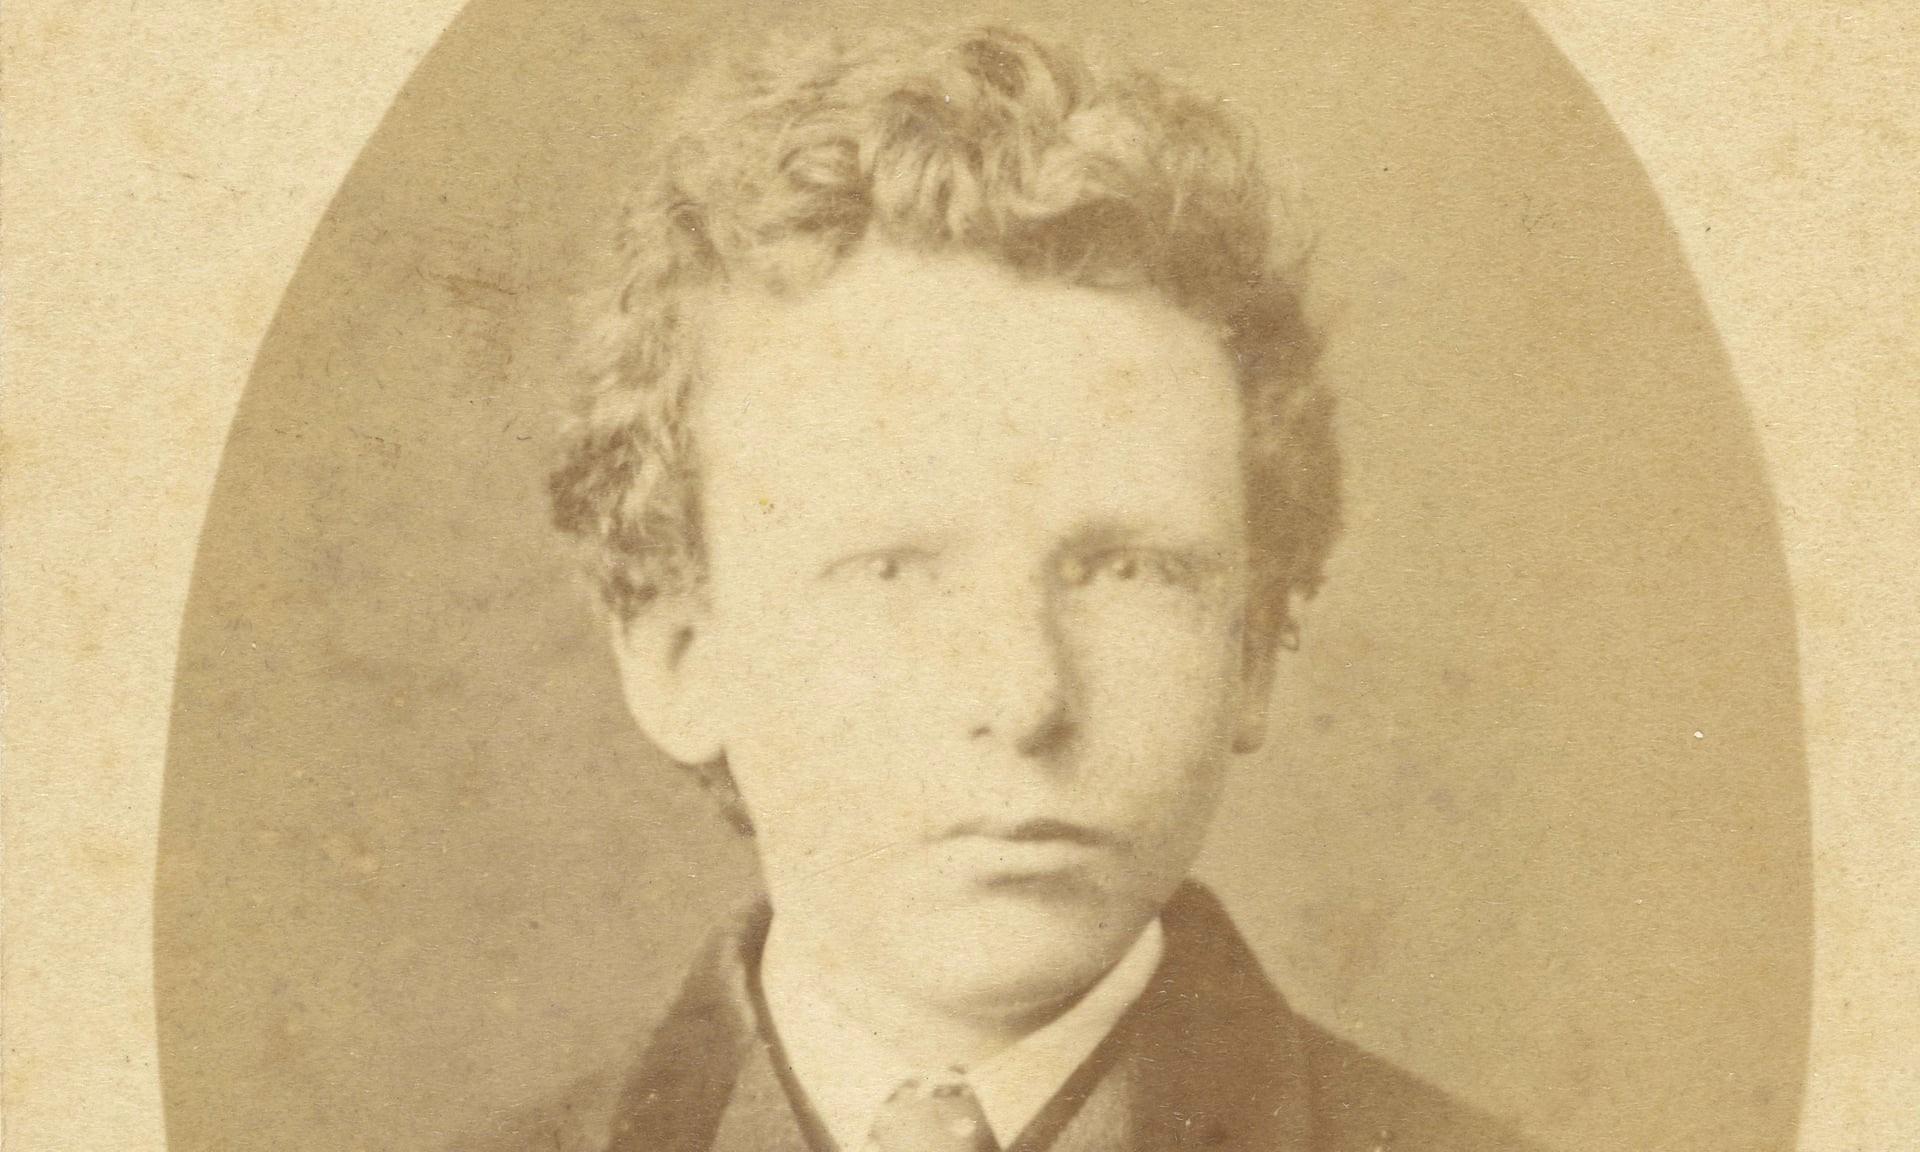 Il ritratto fotografico di Theo van Gogh, per anni scambiato per Vincent (foto van Gogh Foundation)